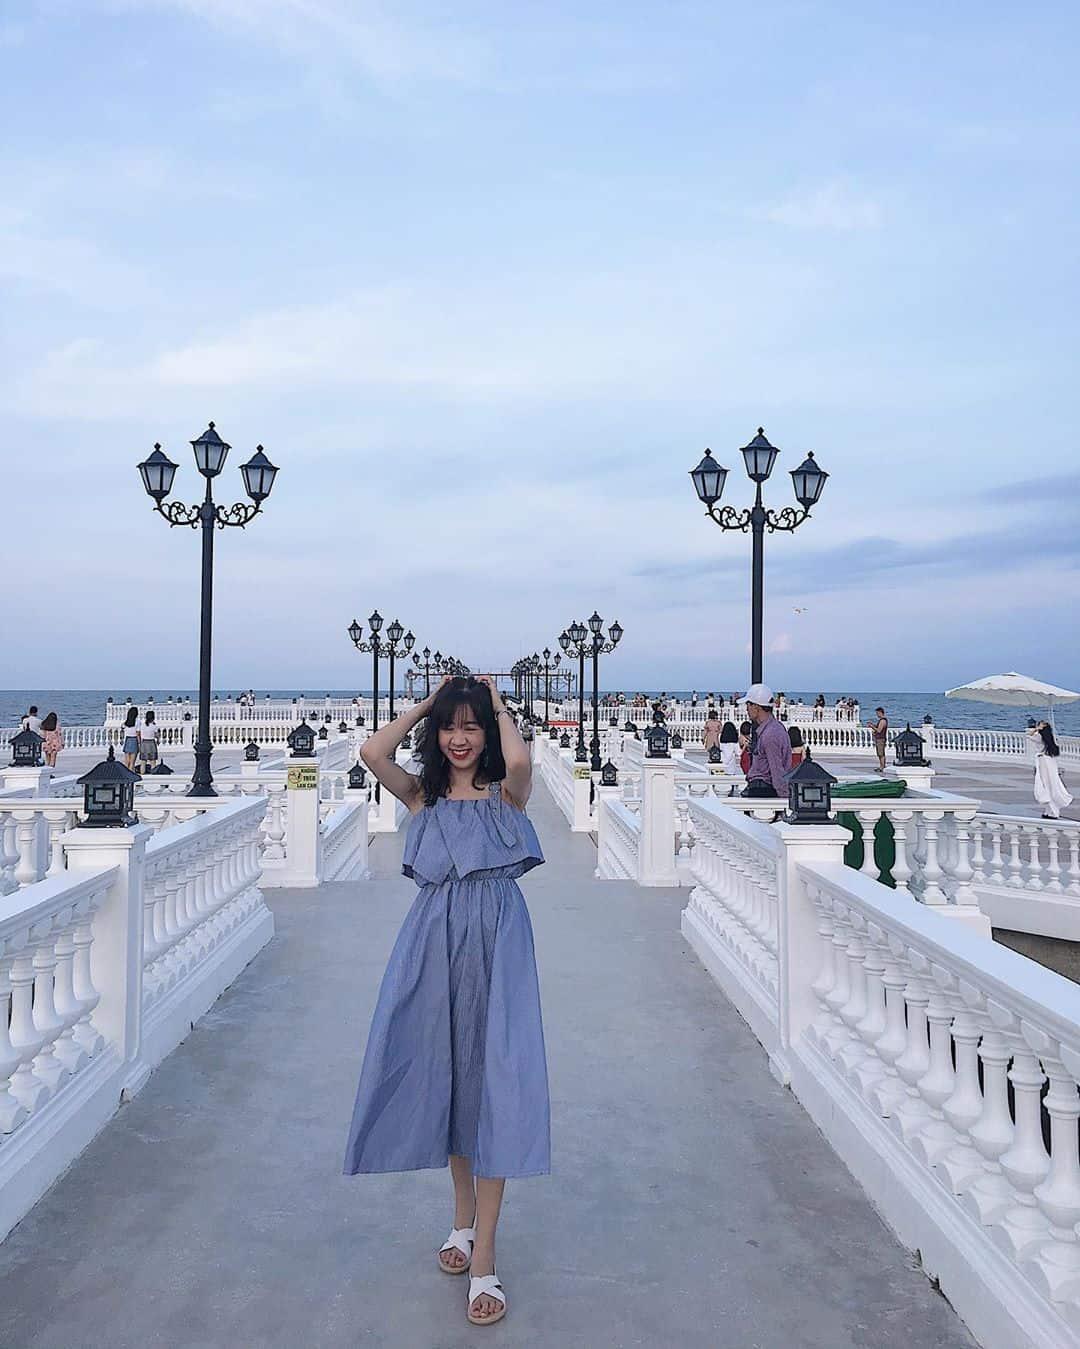 Lạc vao trời Tây thu nhỏ tại cầu cảng biển ngay cạnh Paracel Hải Tiến. Ảnh:crab_lolo